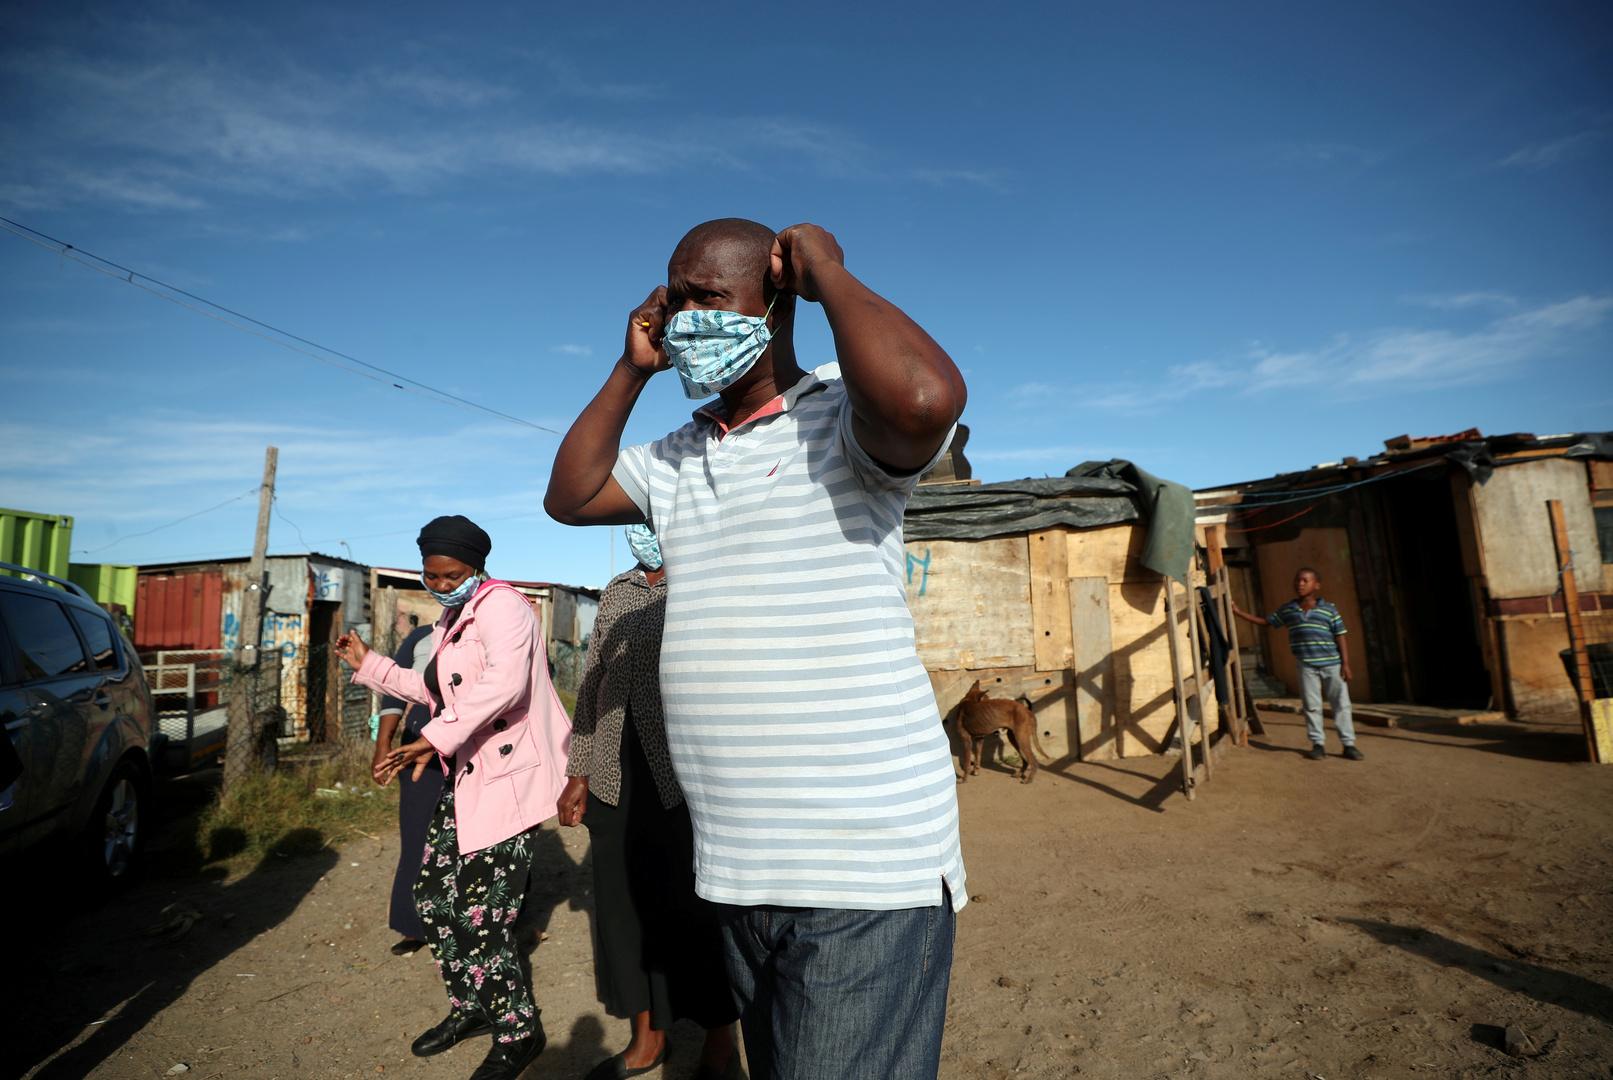 الإصابات بكورونا في إفريقيا تقترب من الـ50 ألفا والوفيات تلامس الألفين